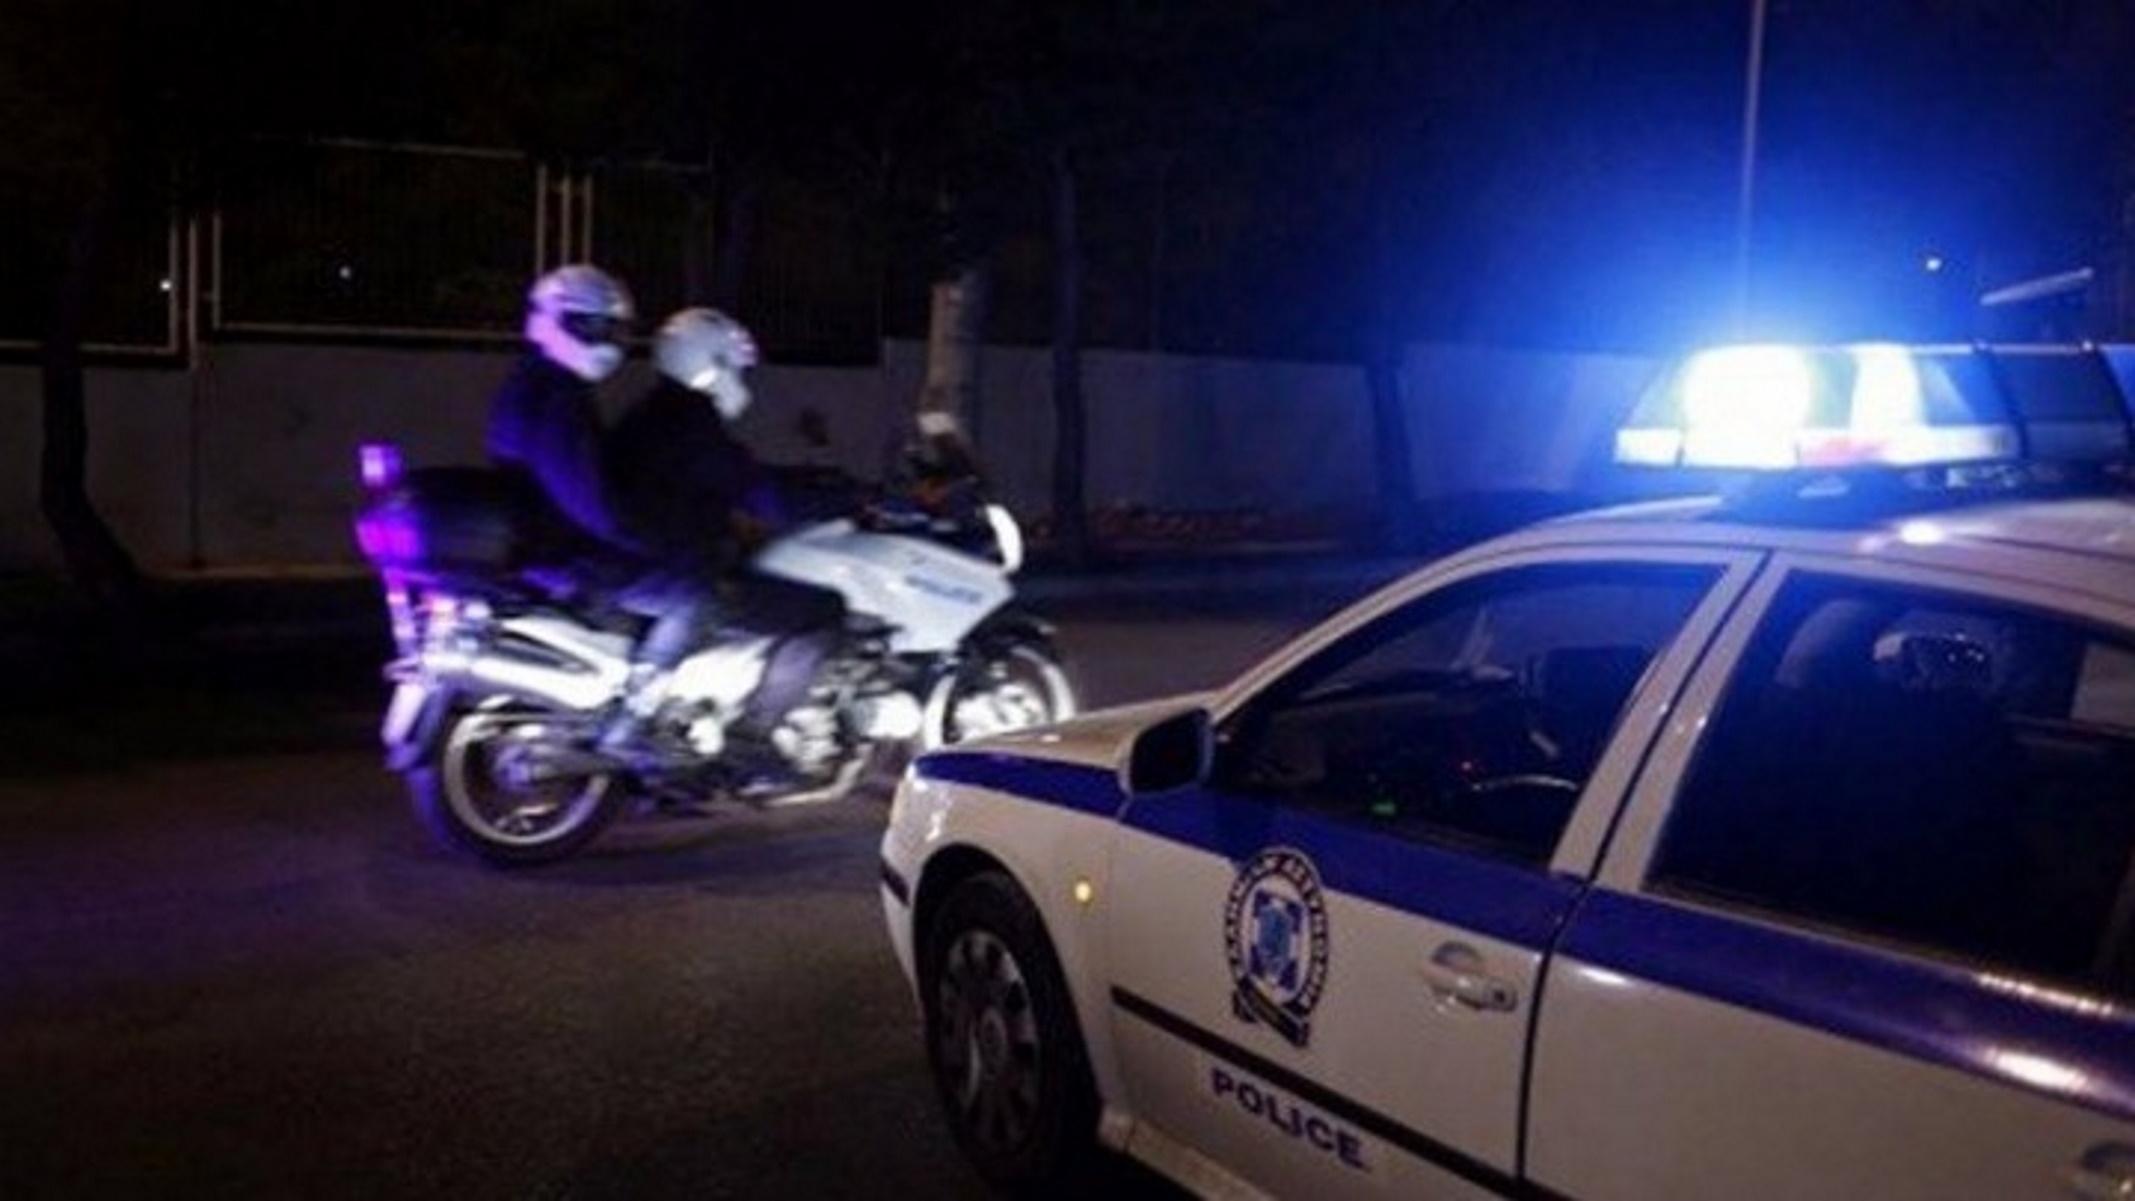 Θεσσαλονίκη: Προσπάθησε να καταπιεί χασίς και επιτέθηκε στους αστυνομικούς για να μην συλληφθεί